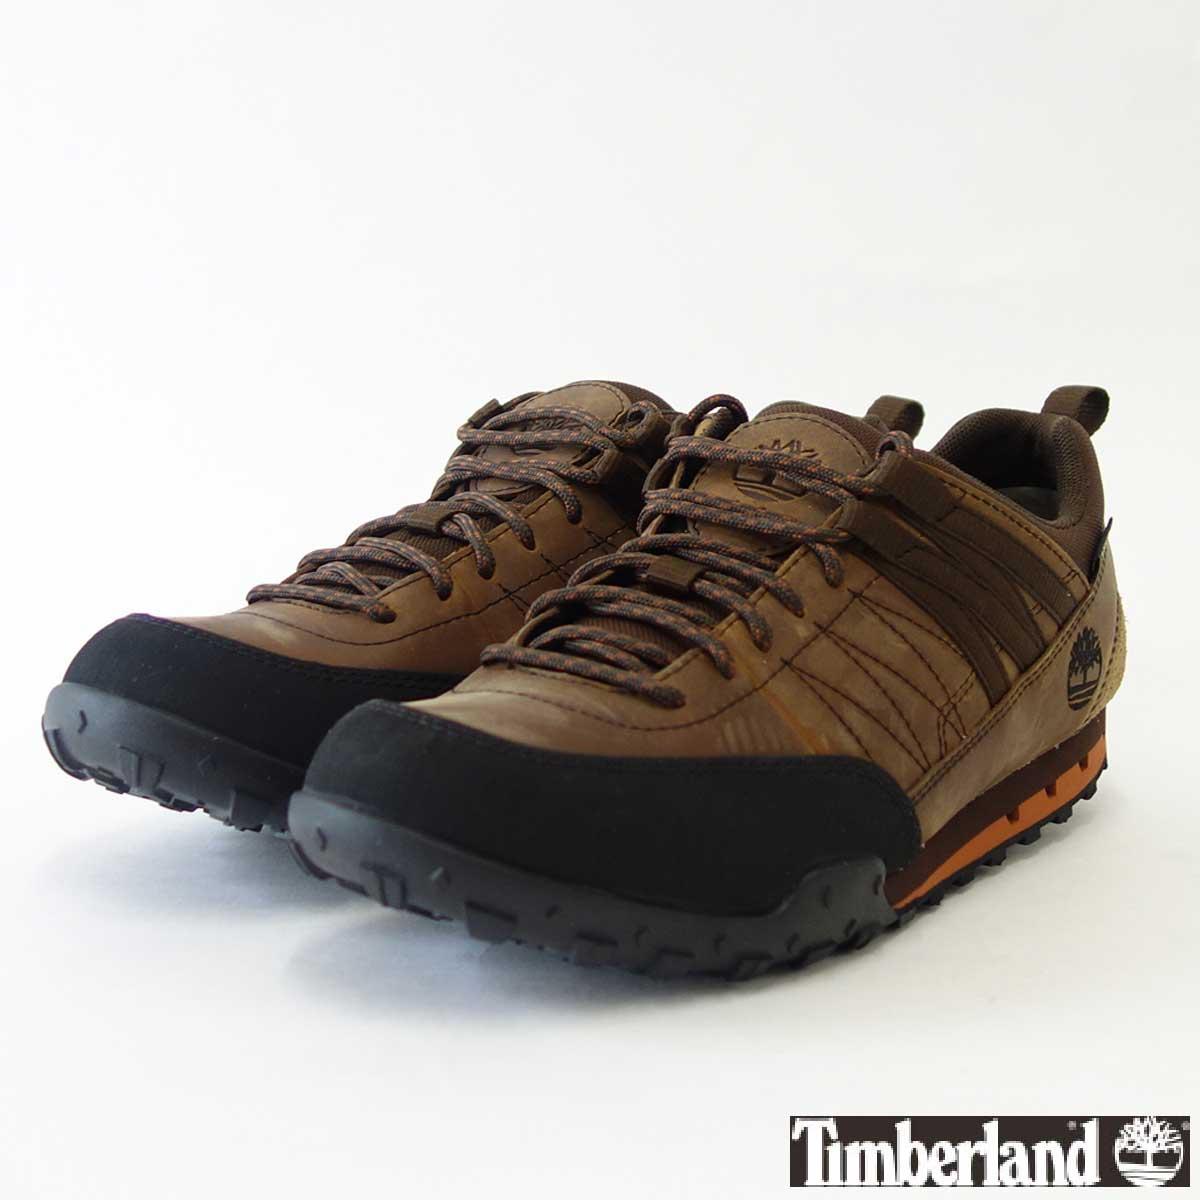 ティンバーランド Timberland ローレザー ウィズ ゴアテックスメンブレン A116E ミディアムブラウン フルグレイン(メンズ)「靴」